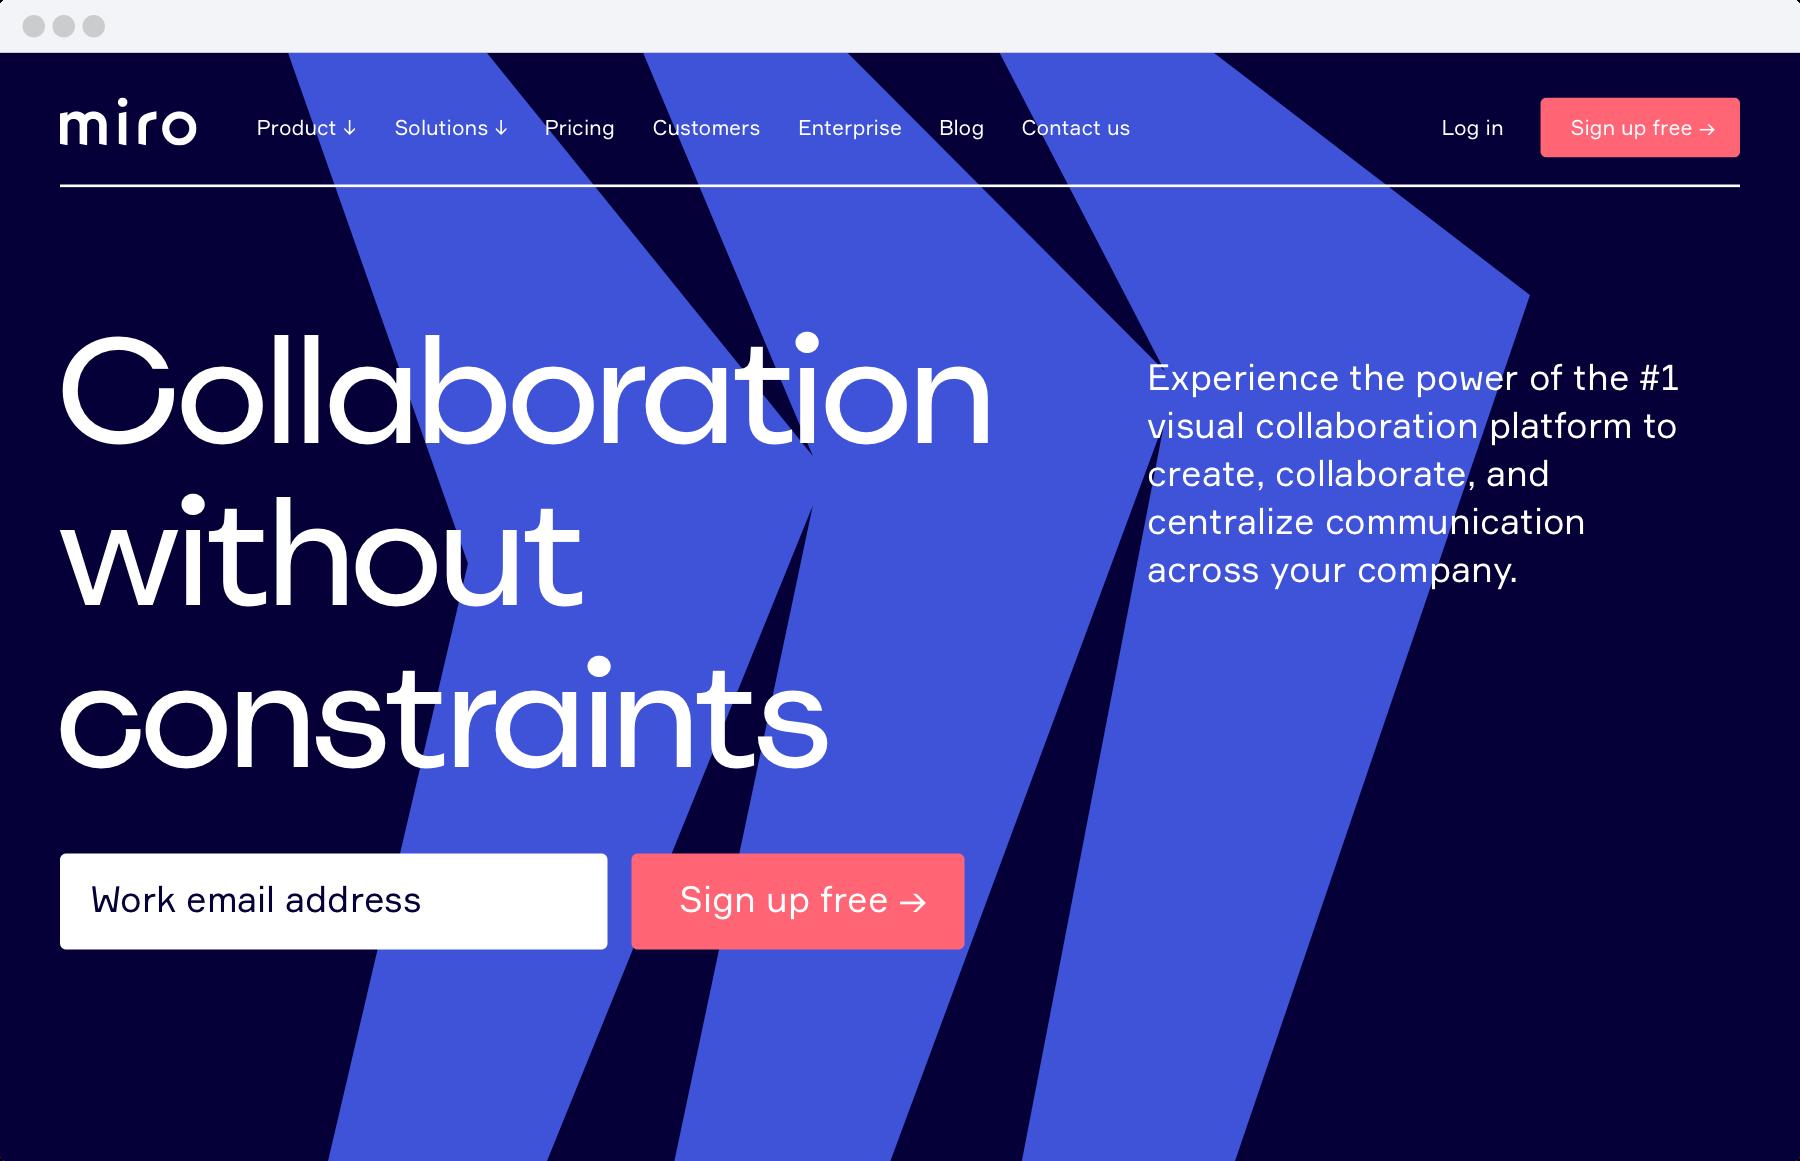 Российский сервис для совместной работы RealtimeBoard провёл ребрендинг и стал Miro